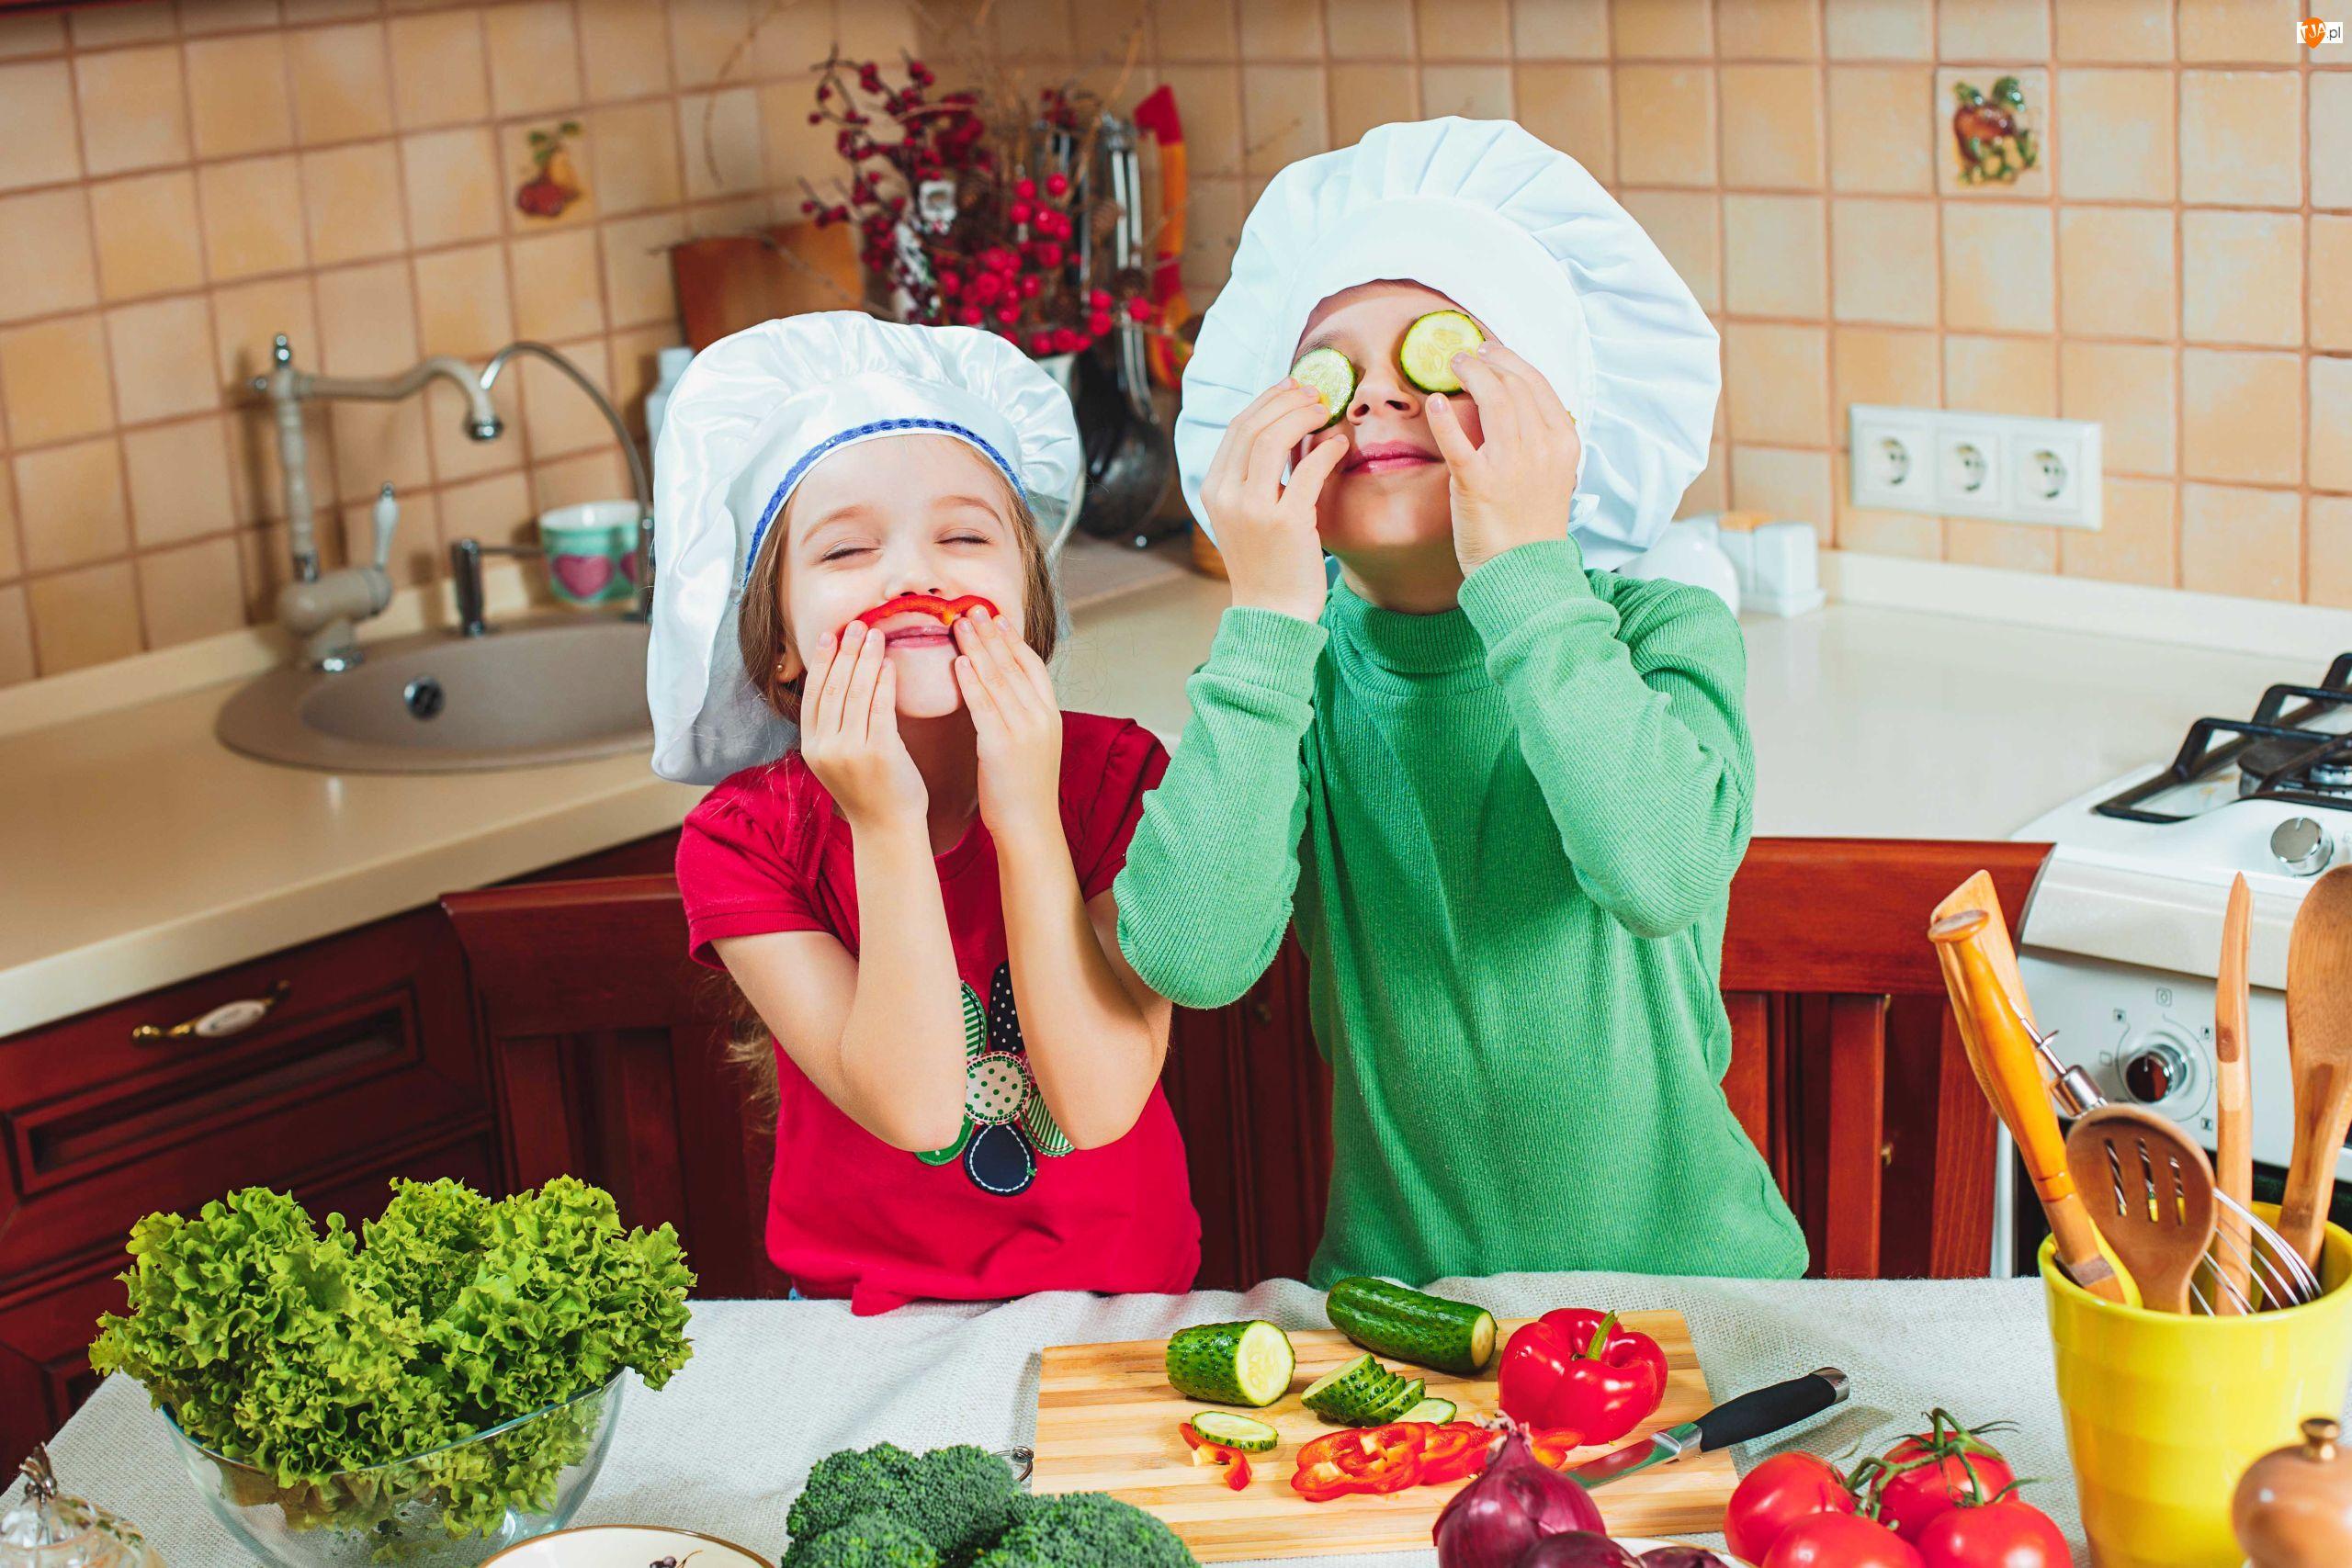 Śmieszne, Kuchnia, Dzieci, Czapki kucharskie